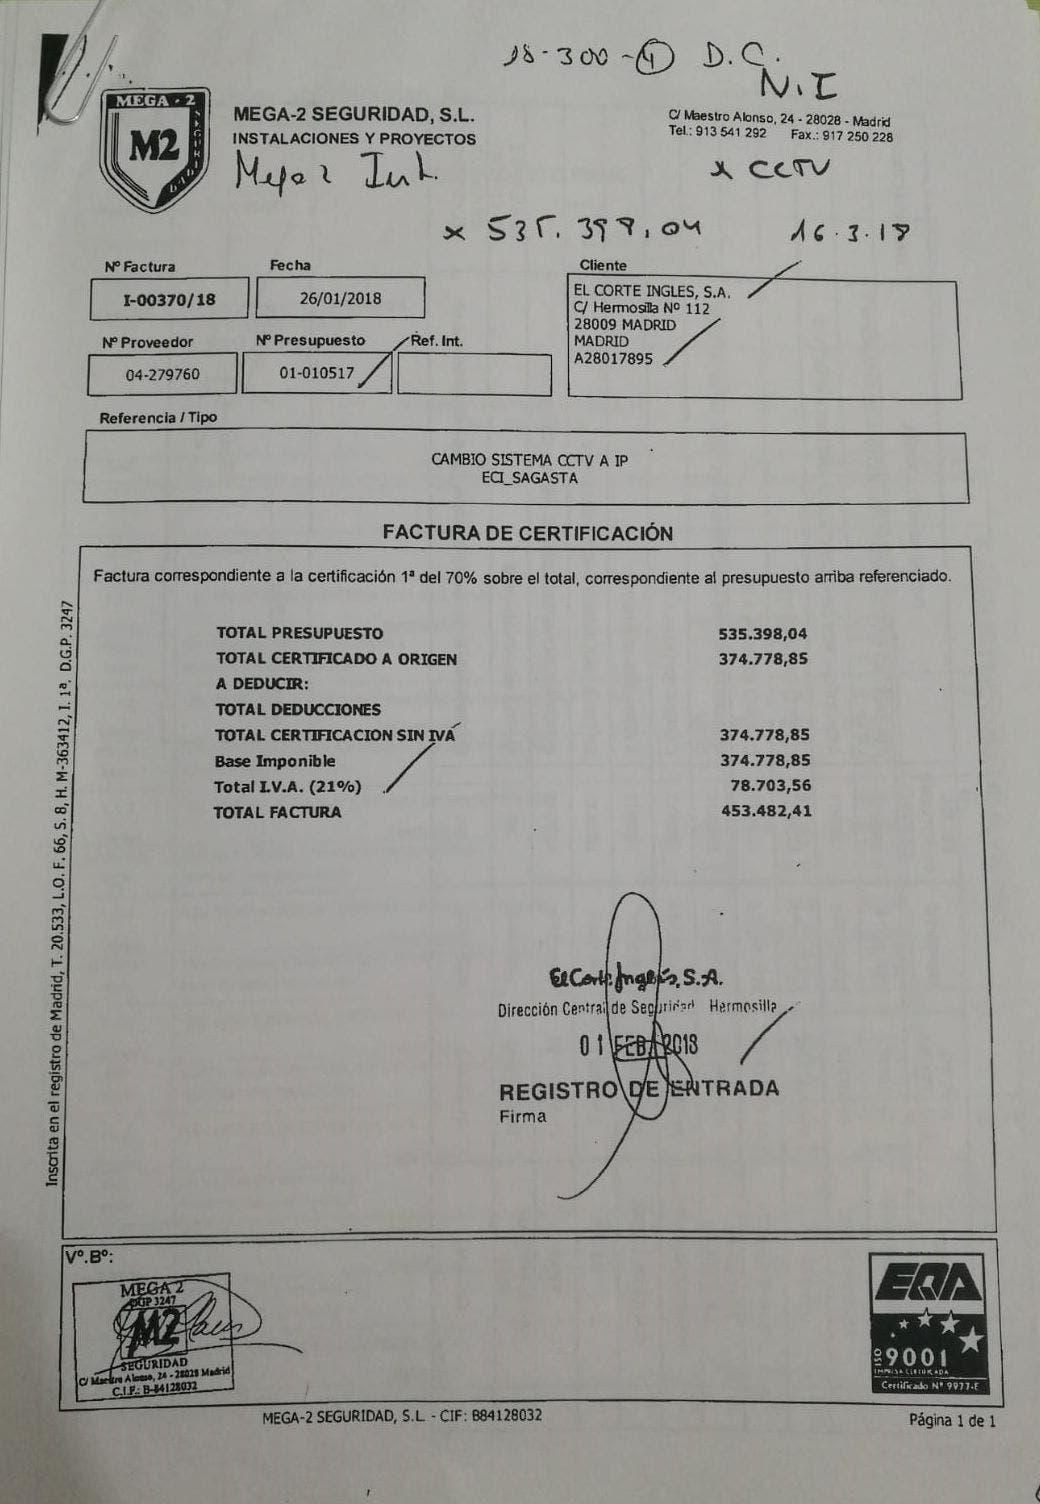 El contrato de El Corte Inglés con Mega 2 en el centro comercial de Sagasta.